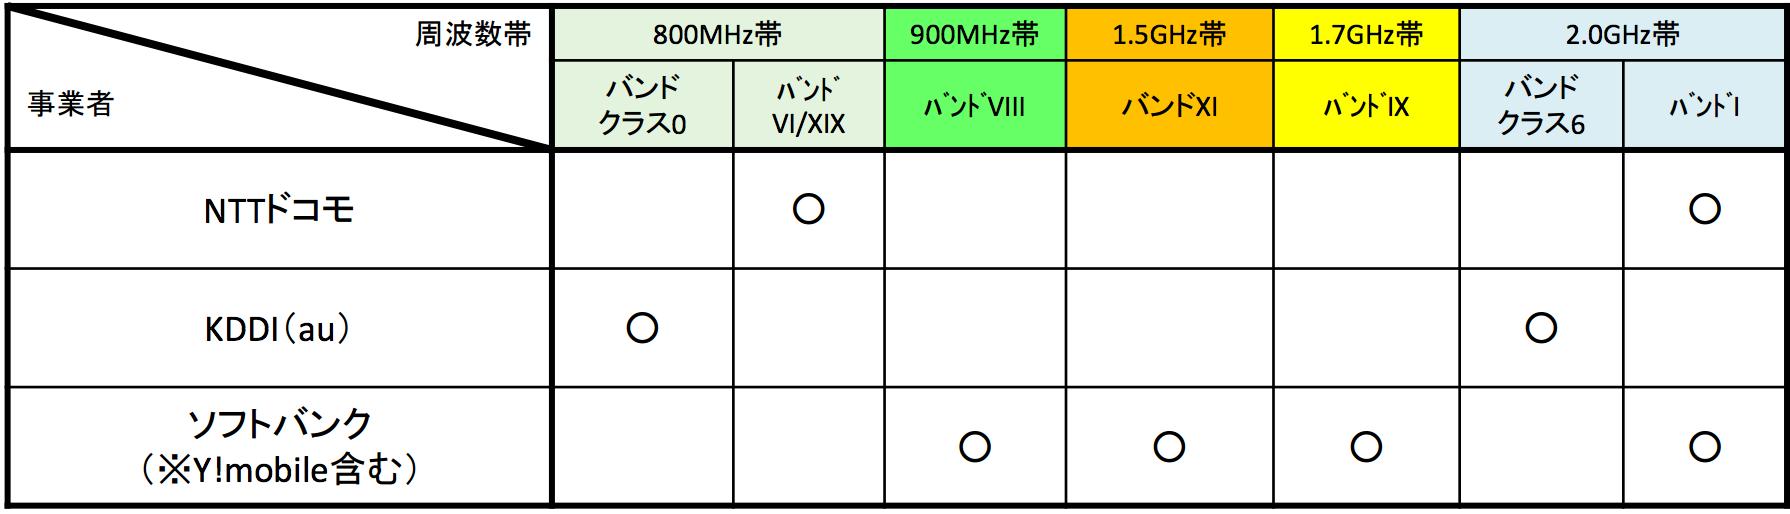 対応BAND 3G